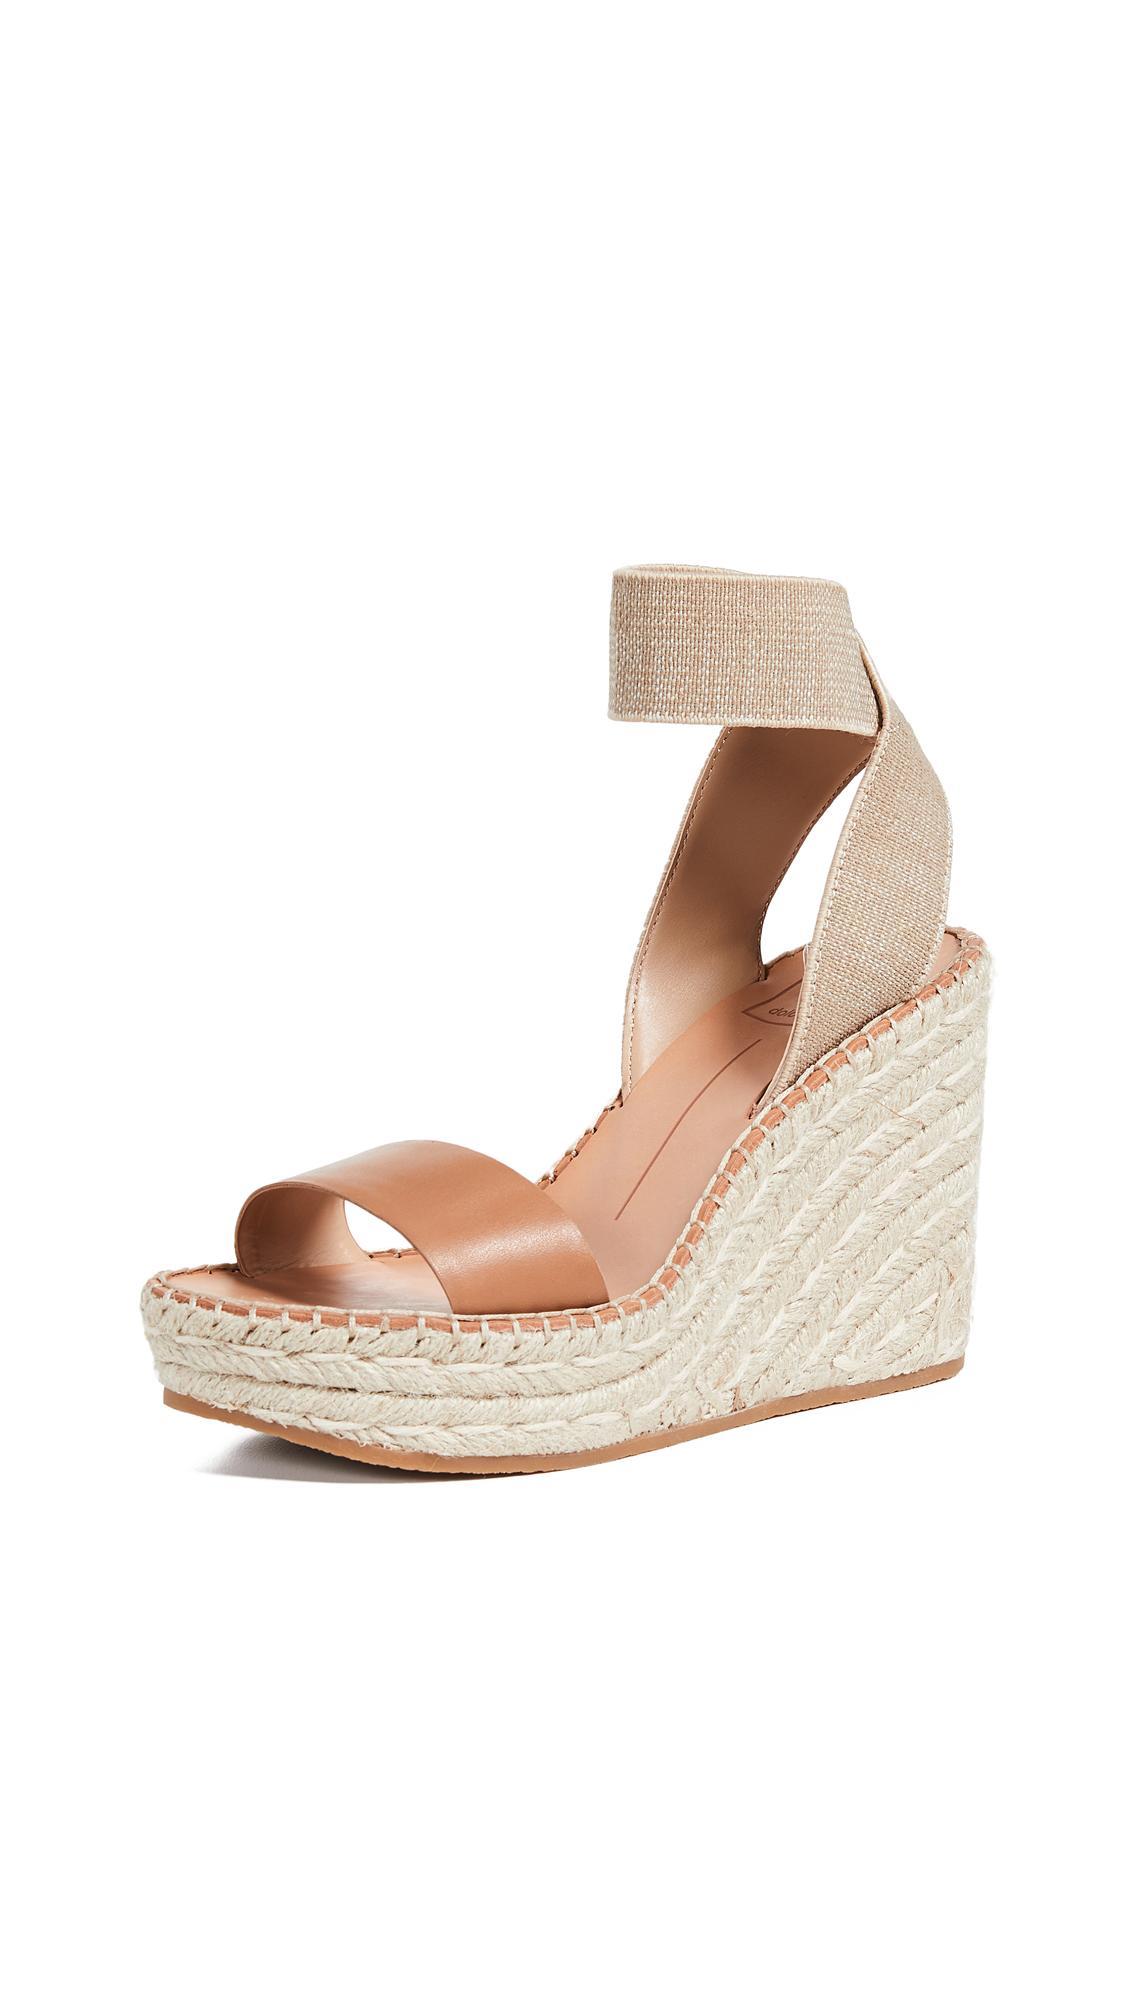 4e56fe7c43f Dolce Vita Pavlin Espadrille Wedge Sandal In Caramel